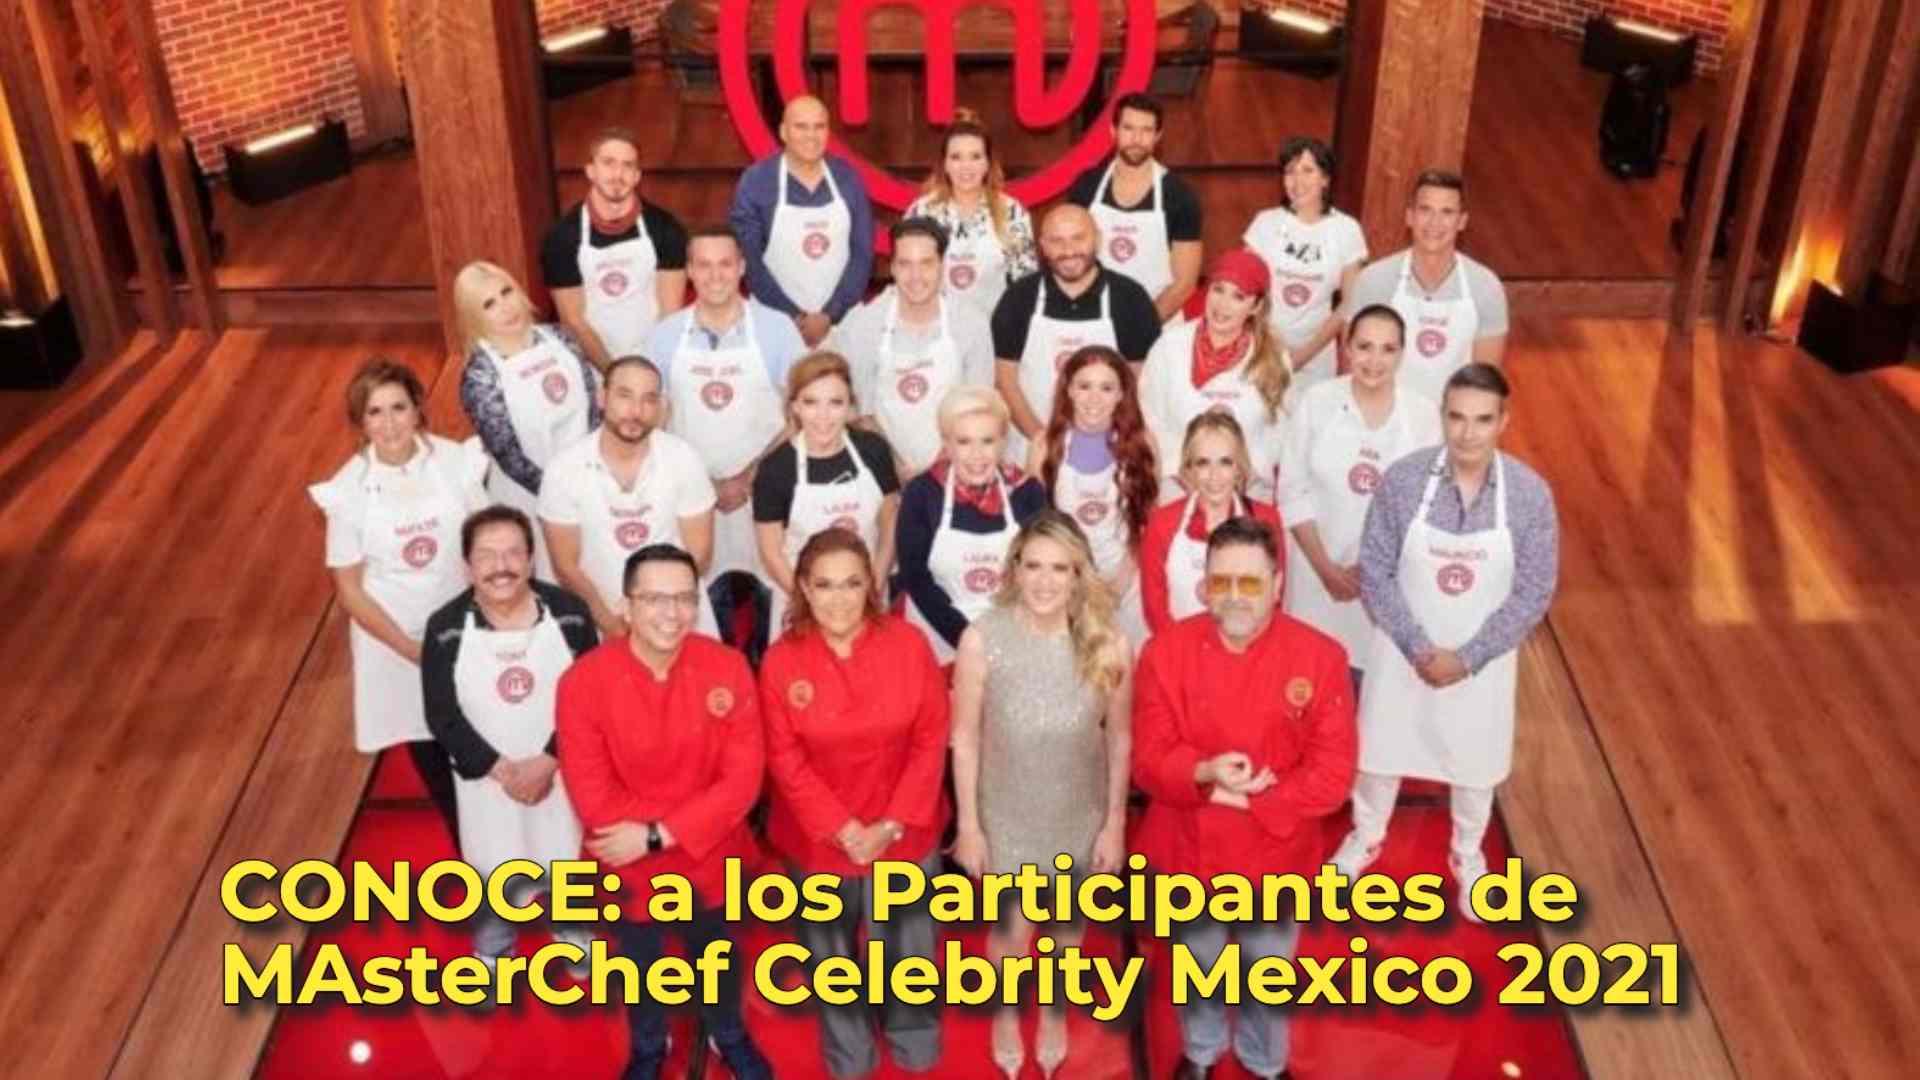 CONOCE: a los Participantes de MAsterChef Celebrity Mexico 2021